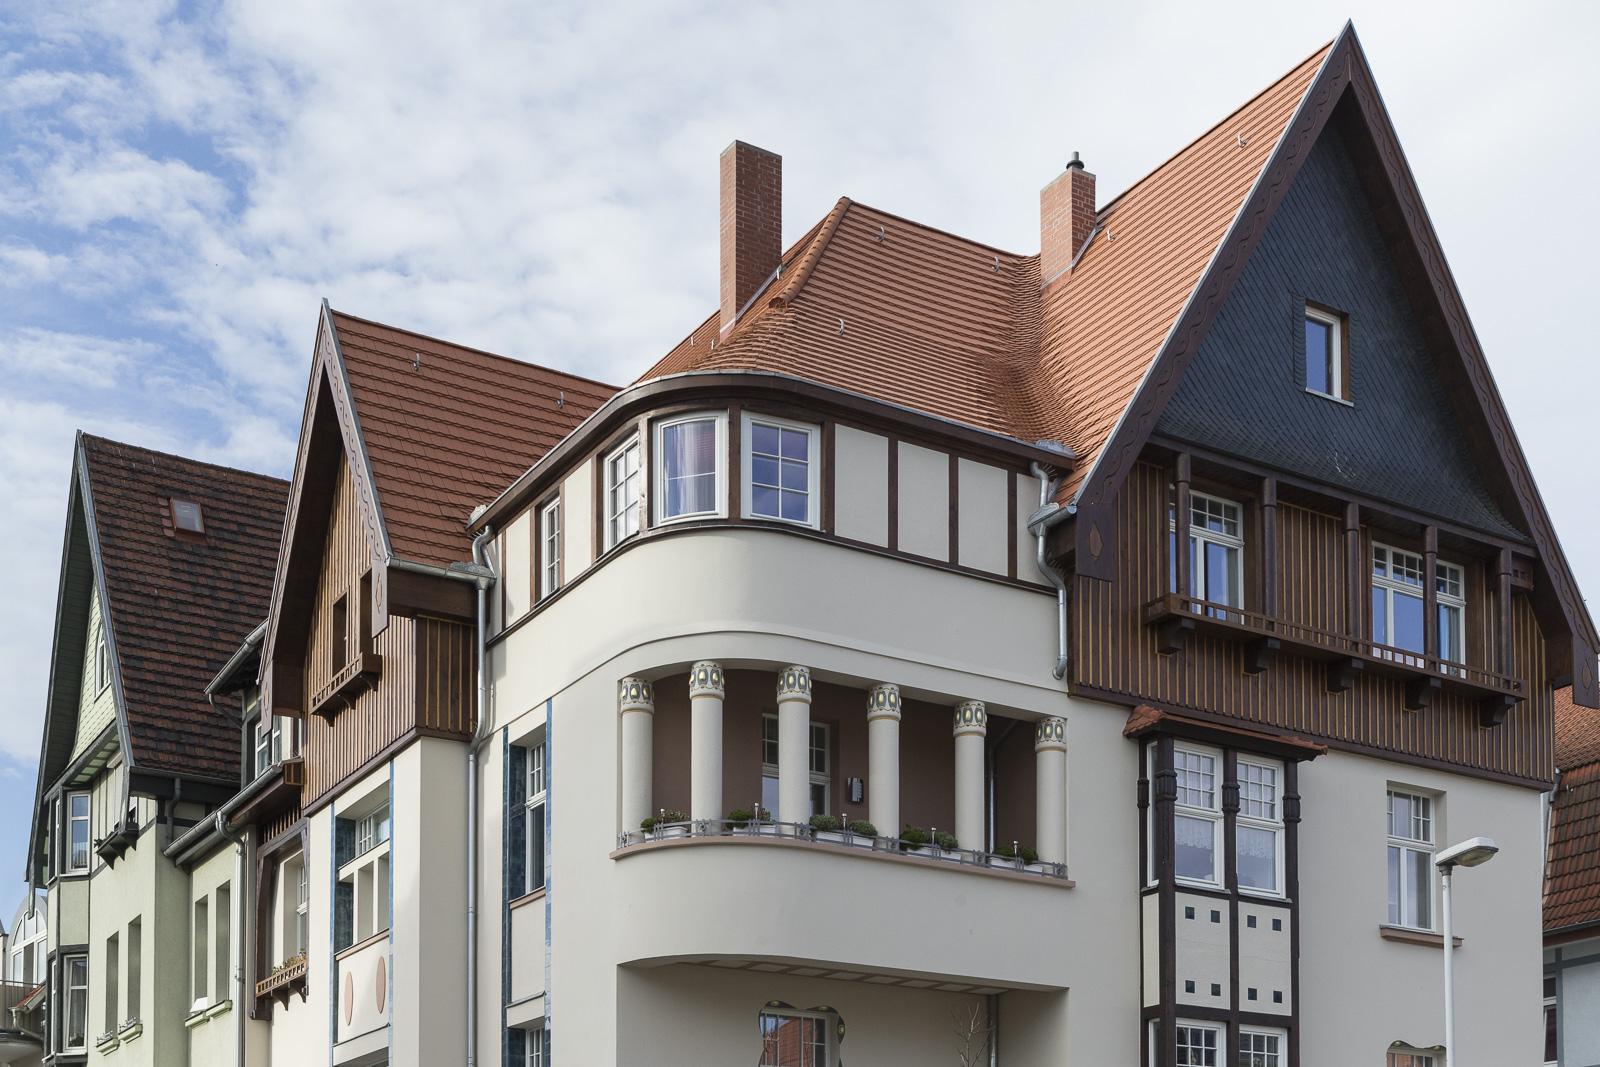 SAKRET Referenz Fassadensanierung Eisenach Fassade von Nahem